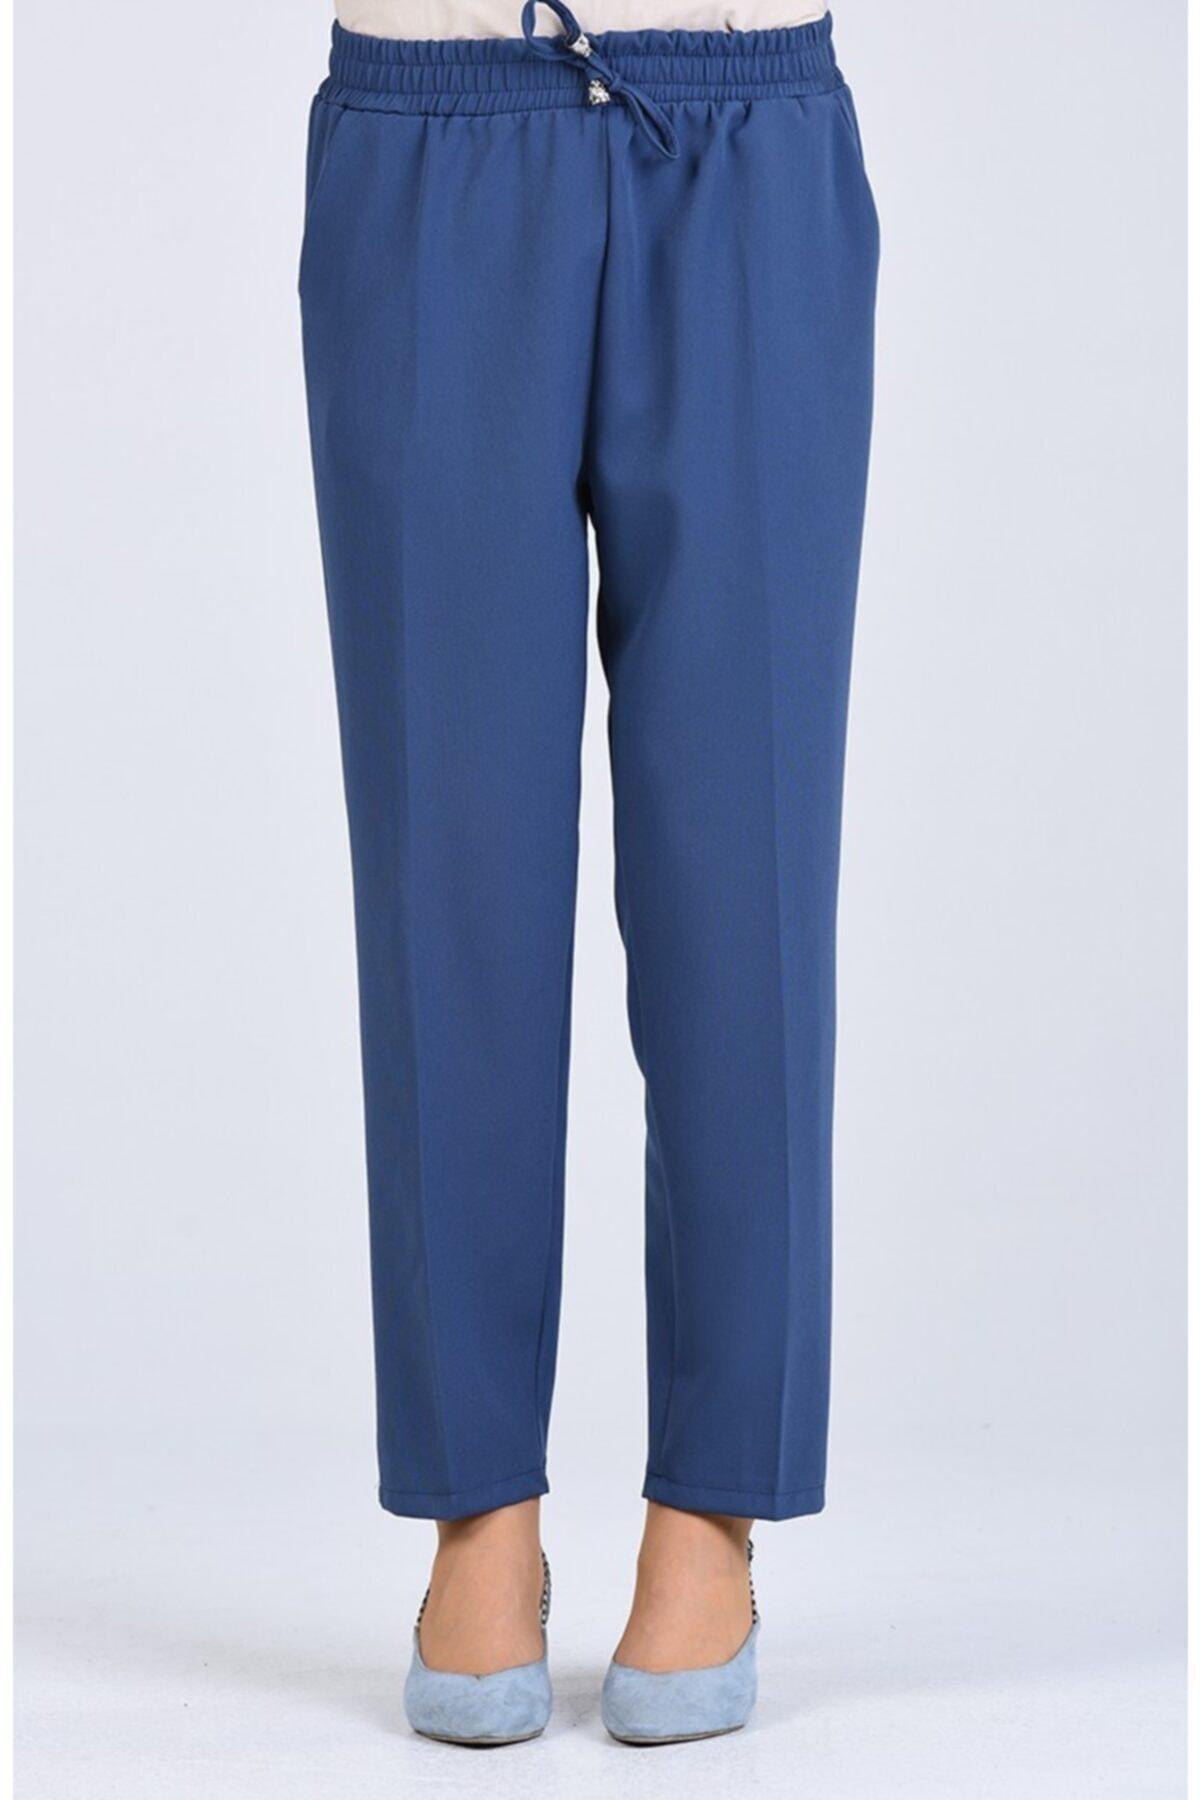 Kadın Mavi Lastikli Havuç Pantolon - Me000275